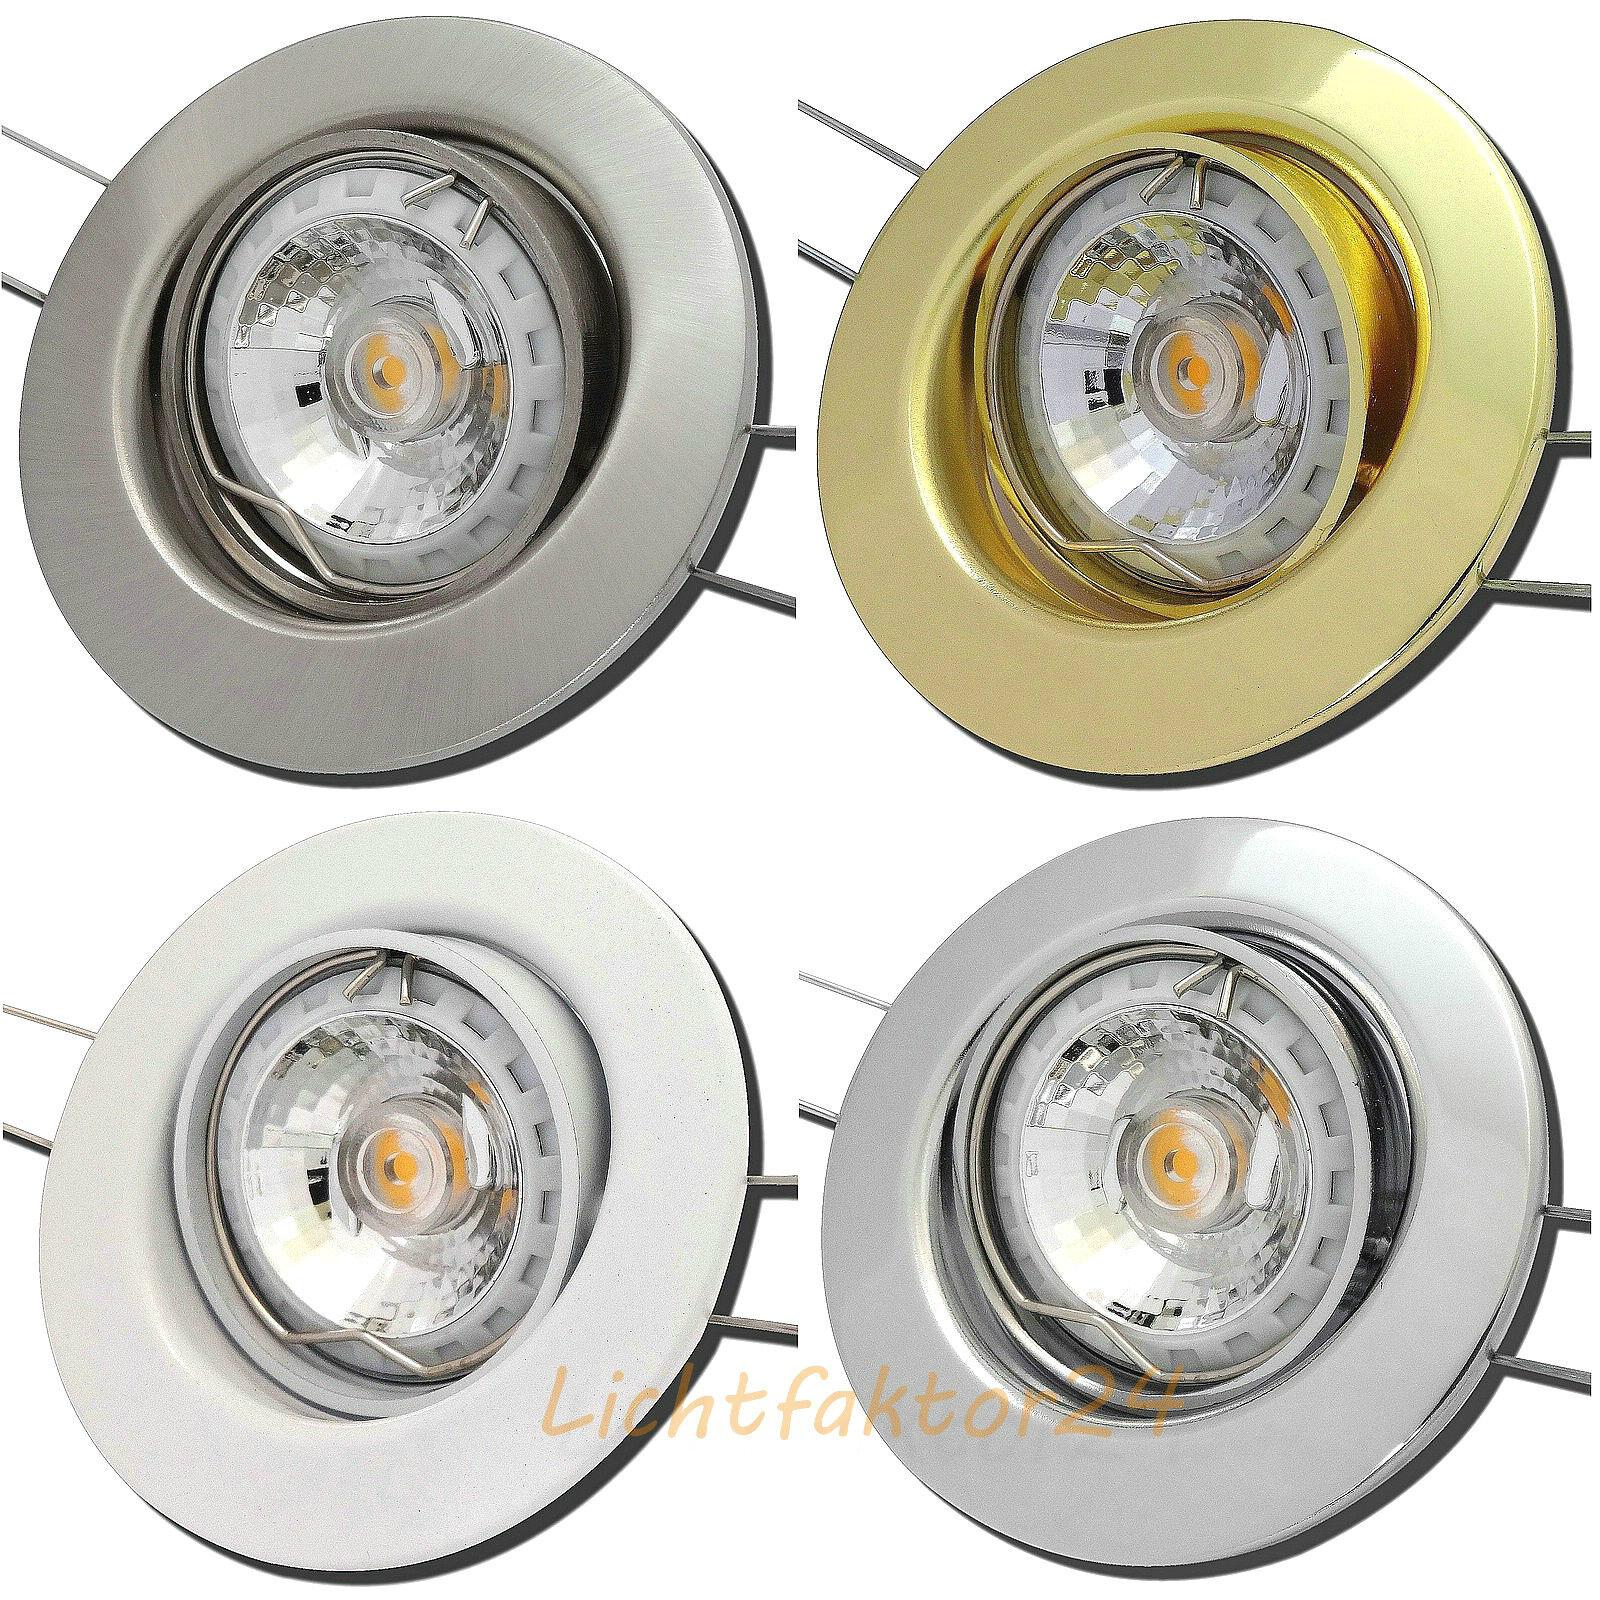 1er - 10er Sets LED Downlights 3,0W 230Volt Einbaustrahler & LED Warmlicht 3000k | Billig ideal  | Gemäßigten Kosten  | Deutschland